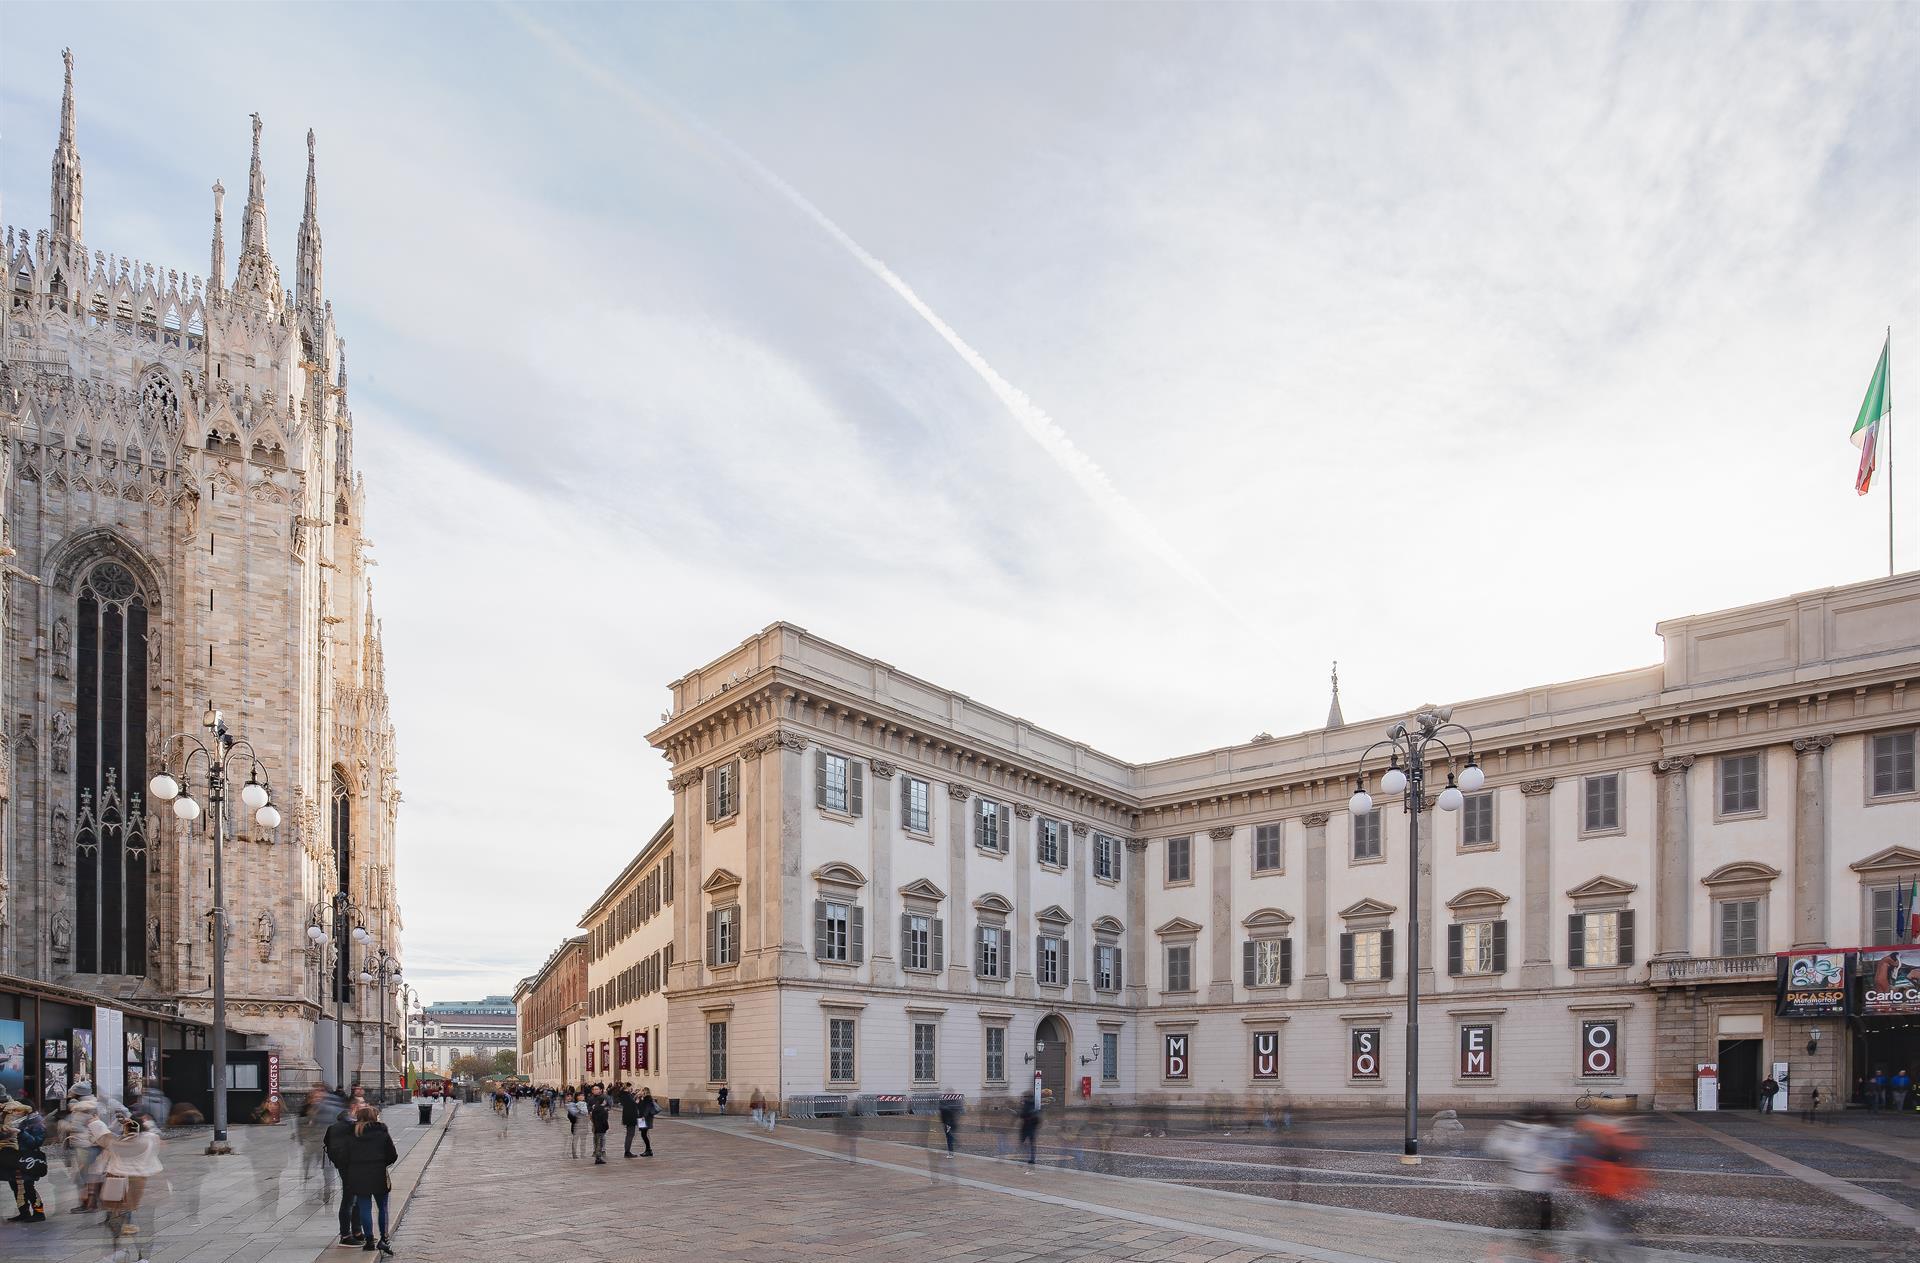 FS 2018 Dec30 Duomo Piazza 03